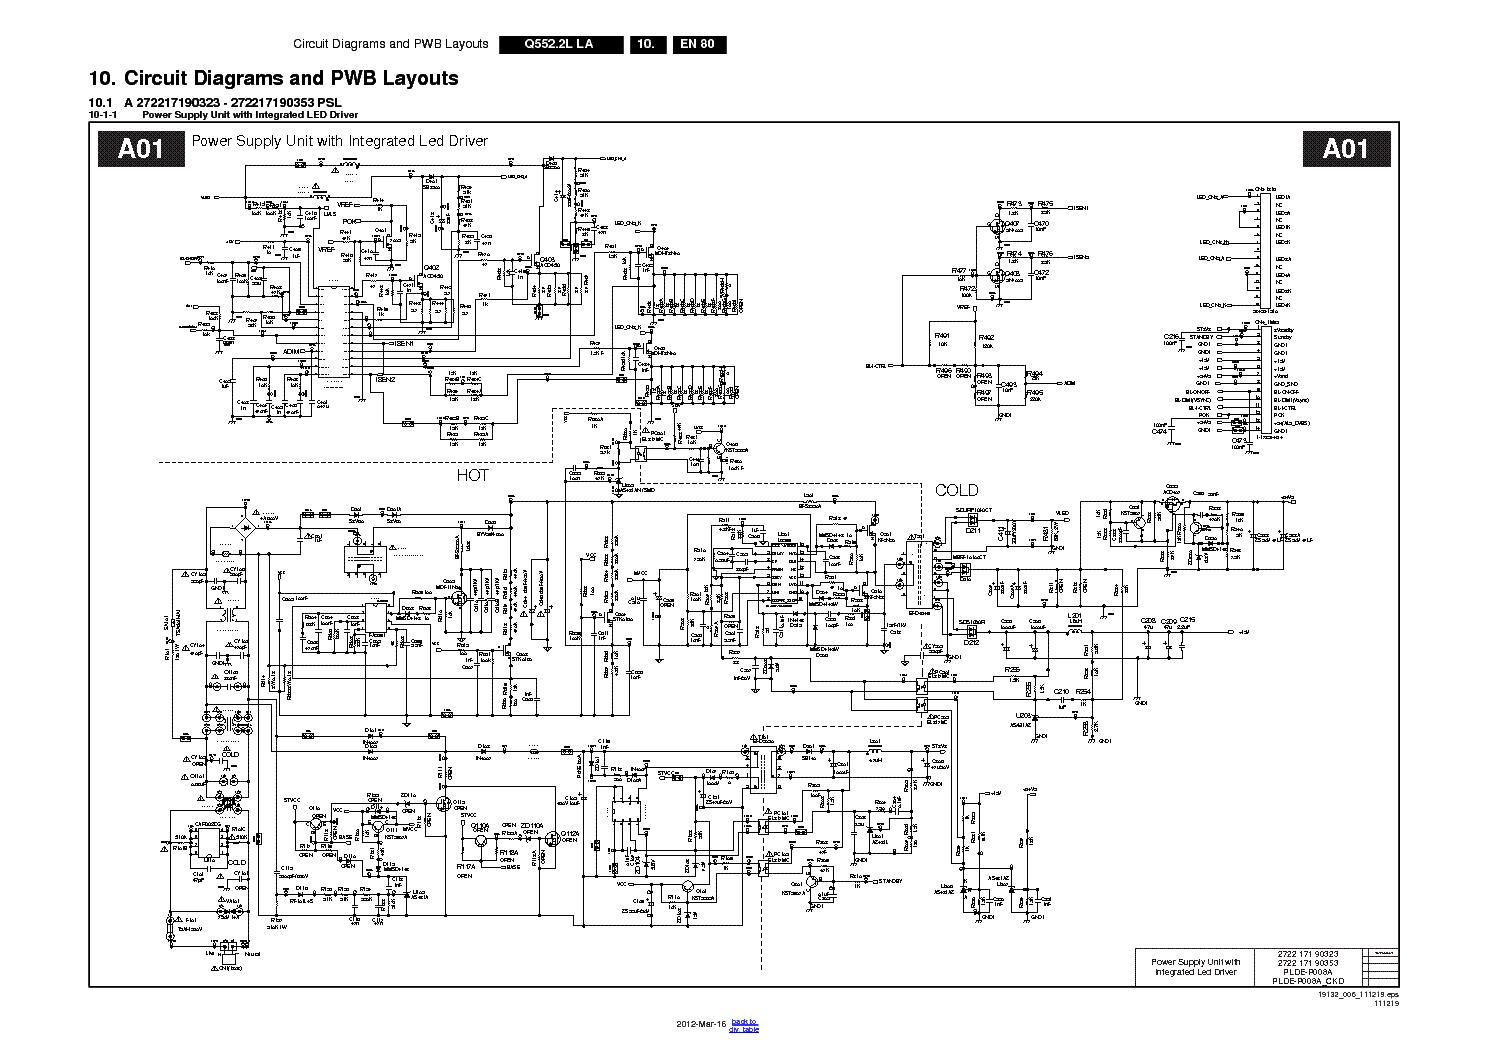 sharp power supply schematic wiring diagram power supply